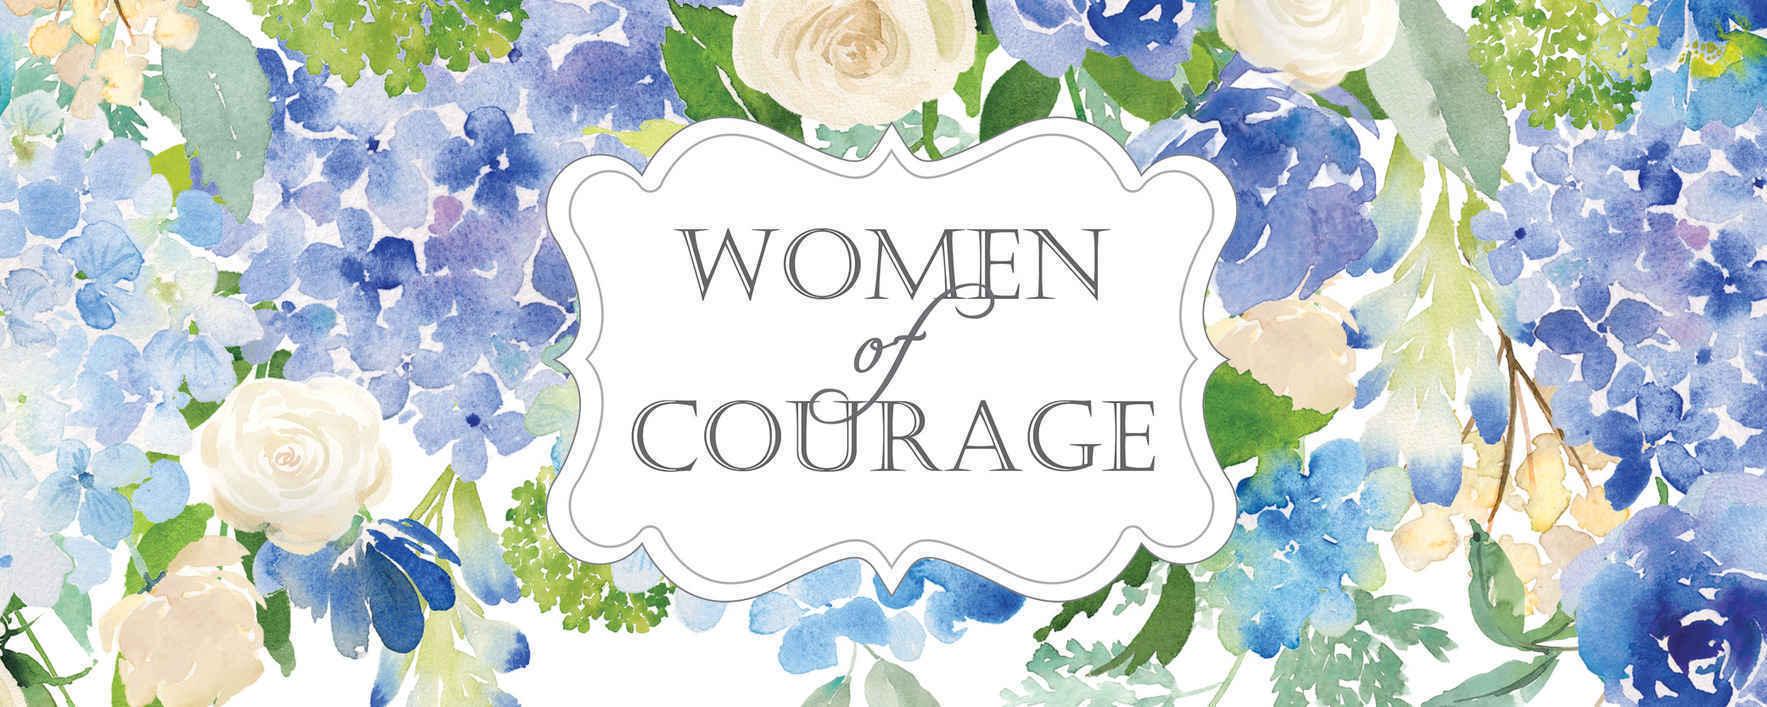 Women of Courage Luncheon image